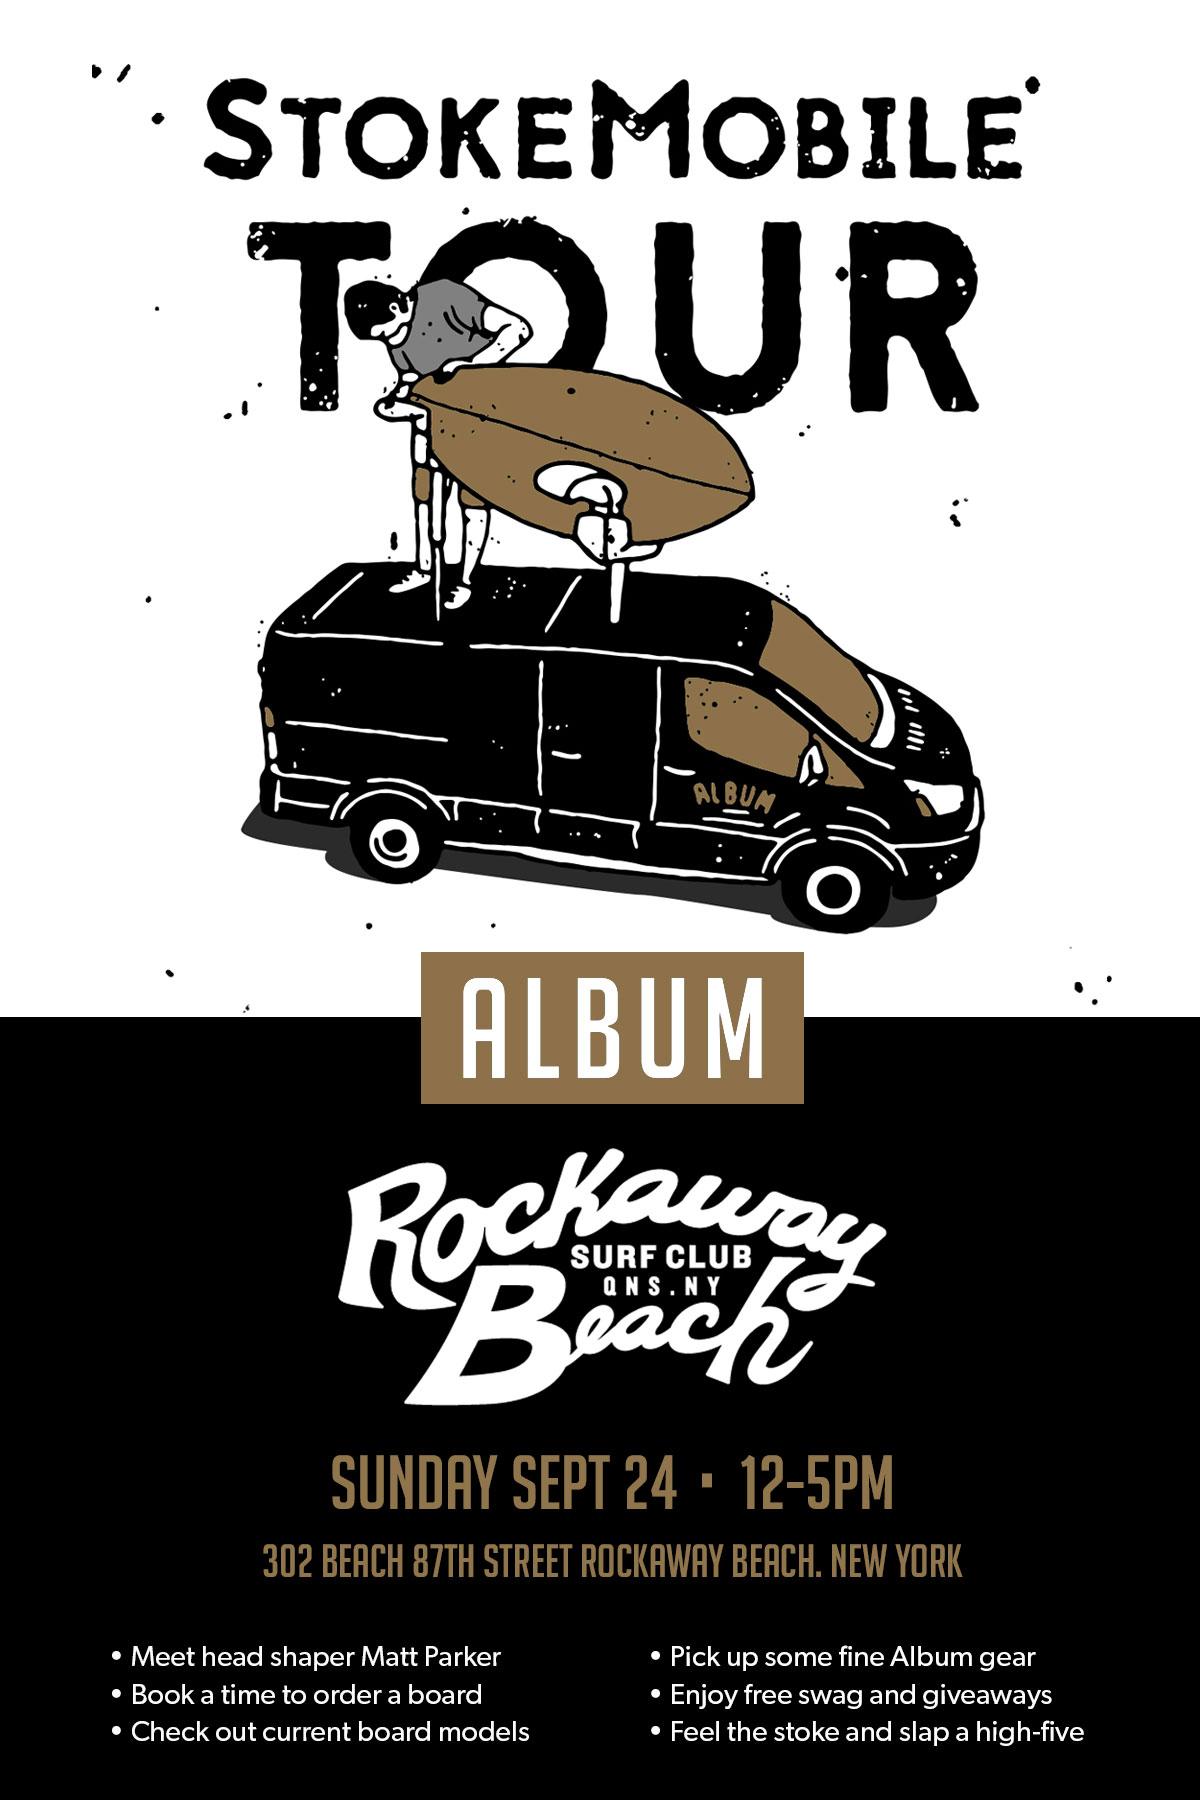 album-rbsc-flyer (1).jpg